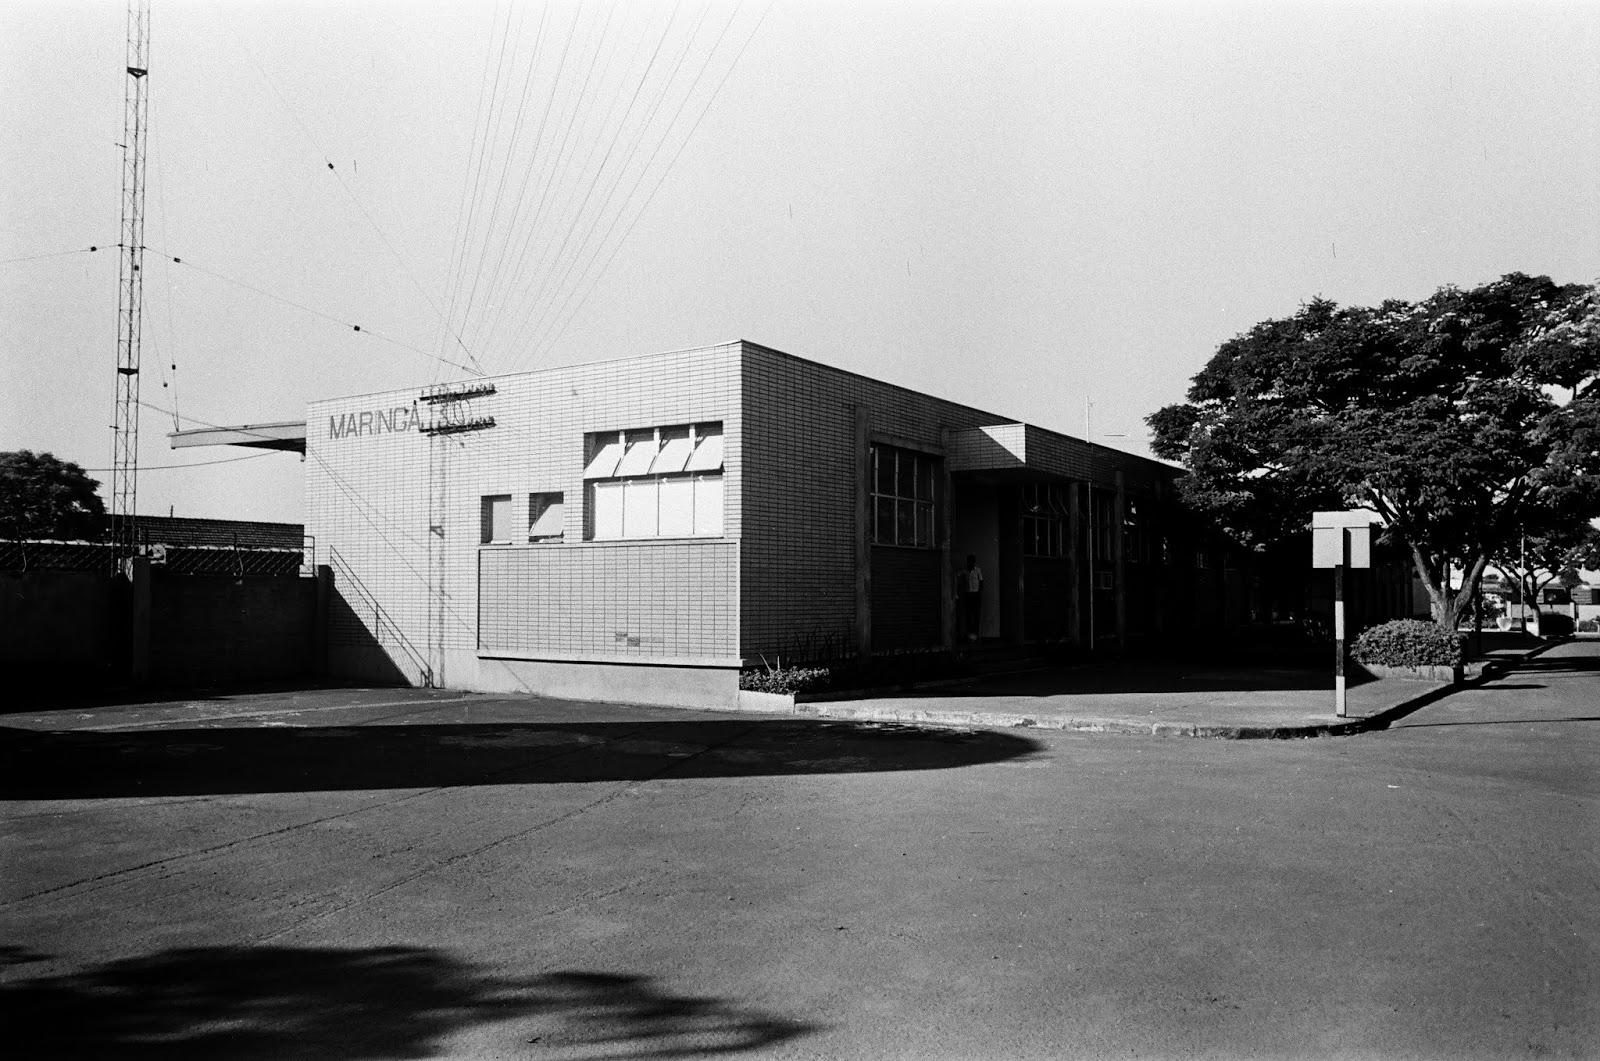 Estação Ferroviária de Maringá - Final dos anos 1980